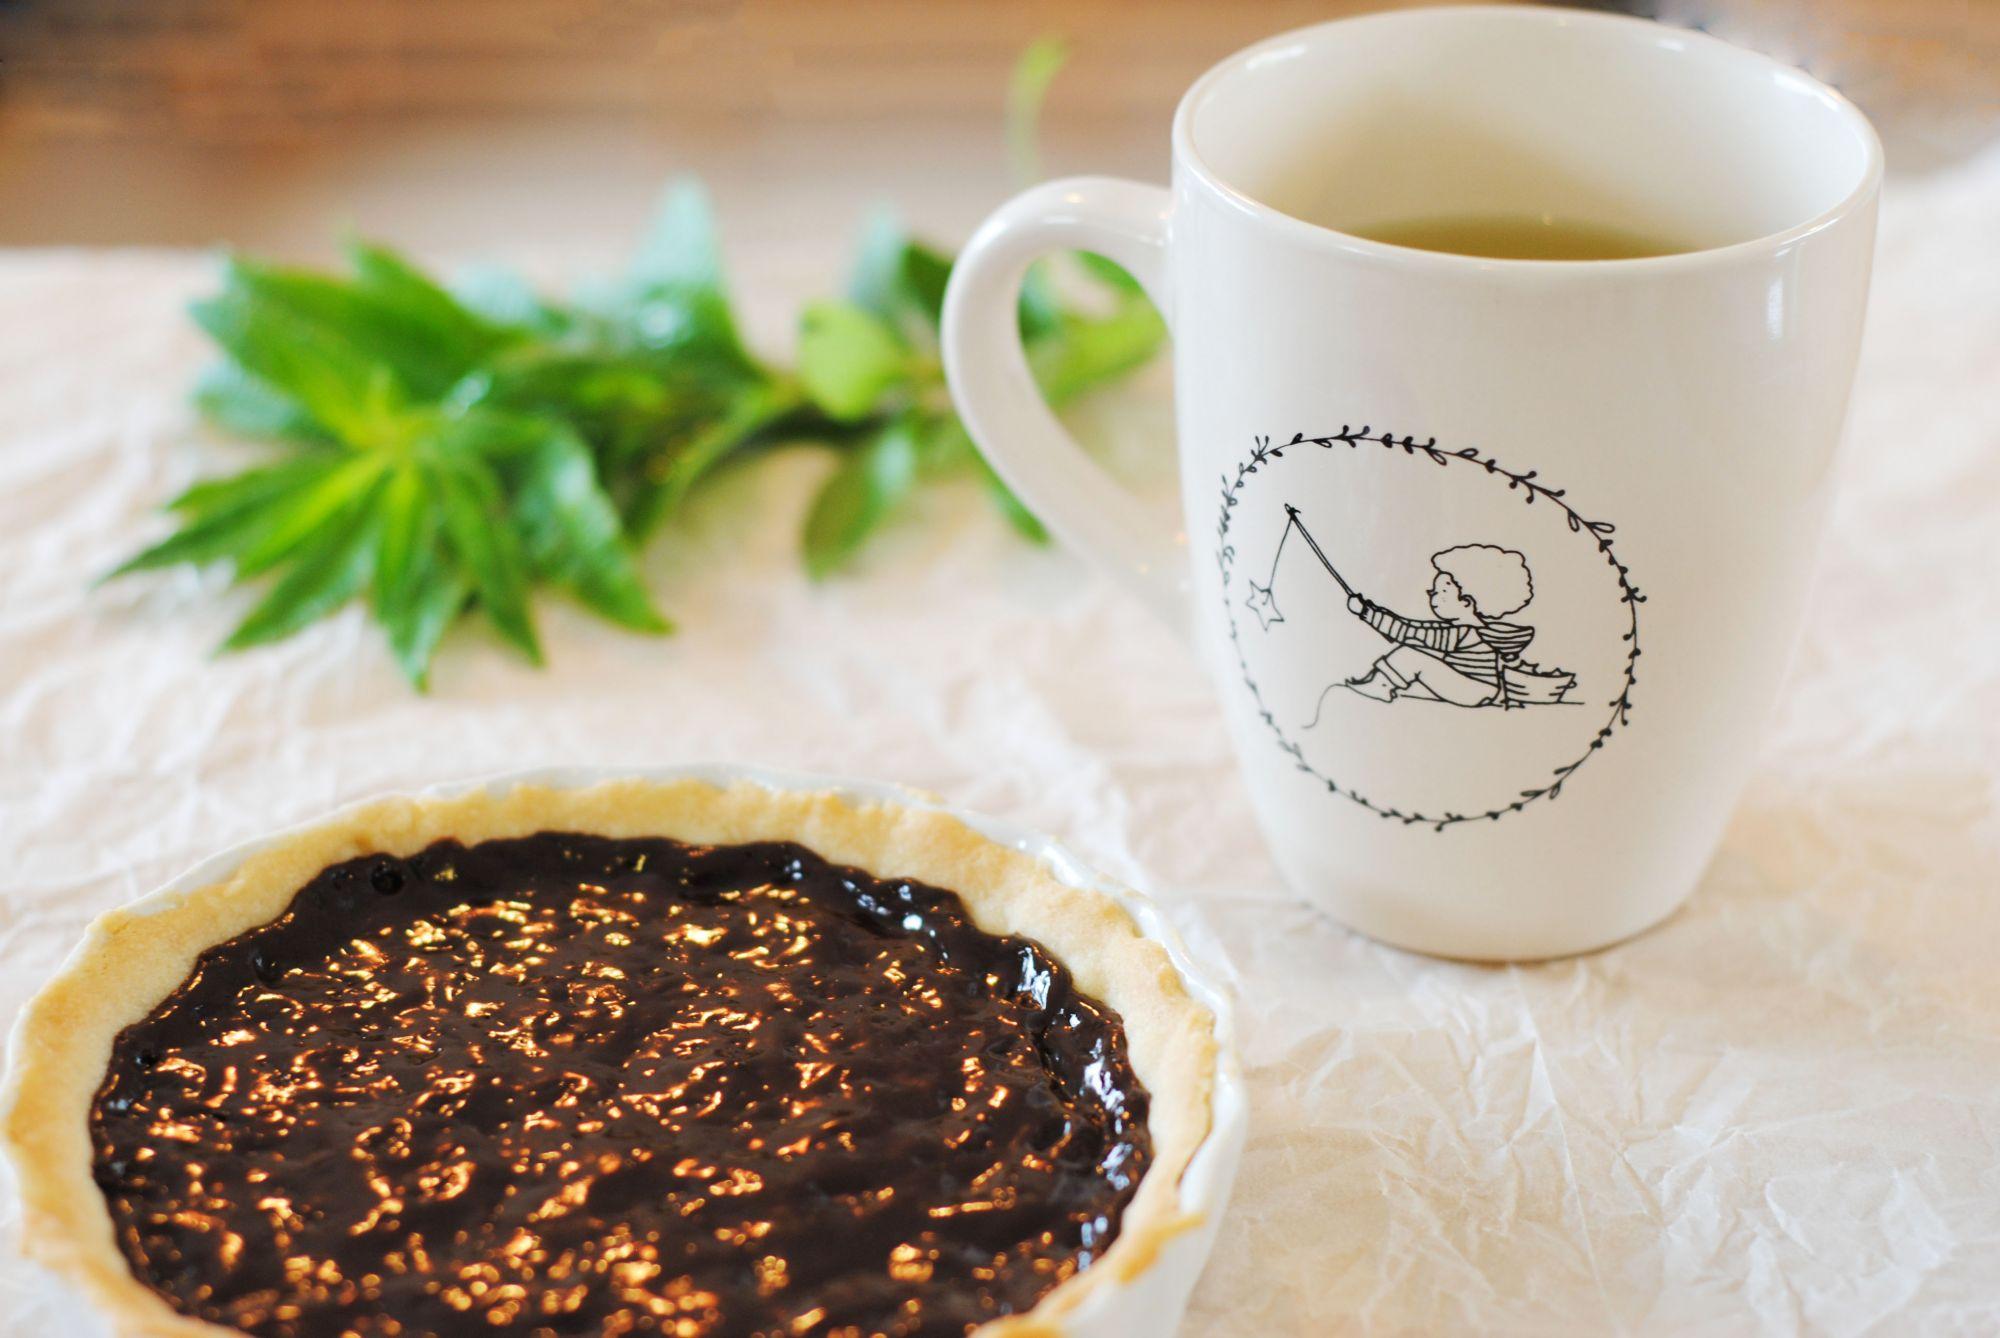 ספלים בורנשטיין מתכון לפאי שוקולד פשוט בלוג הצד שלה הצד שלה